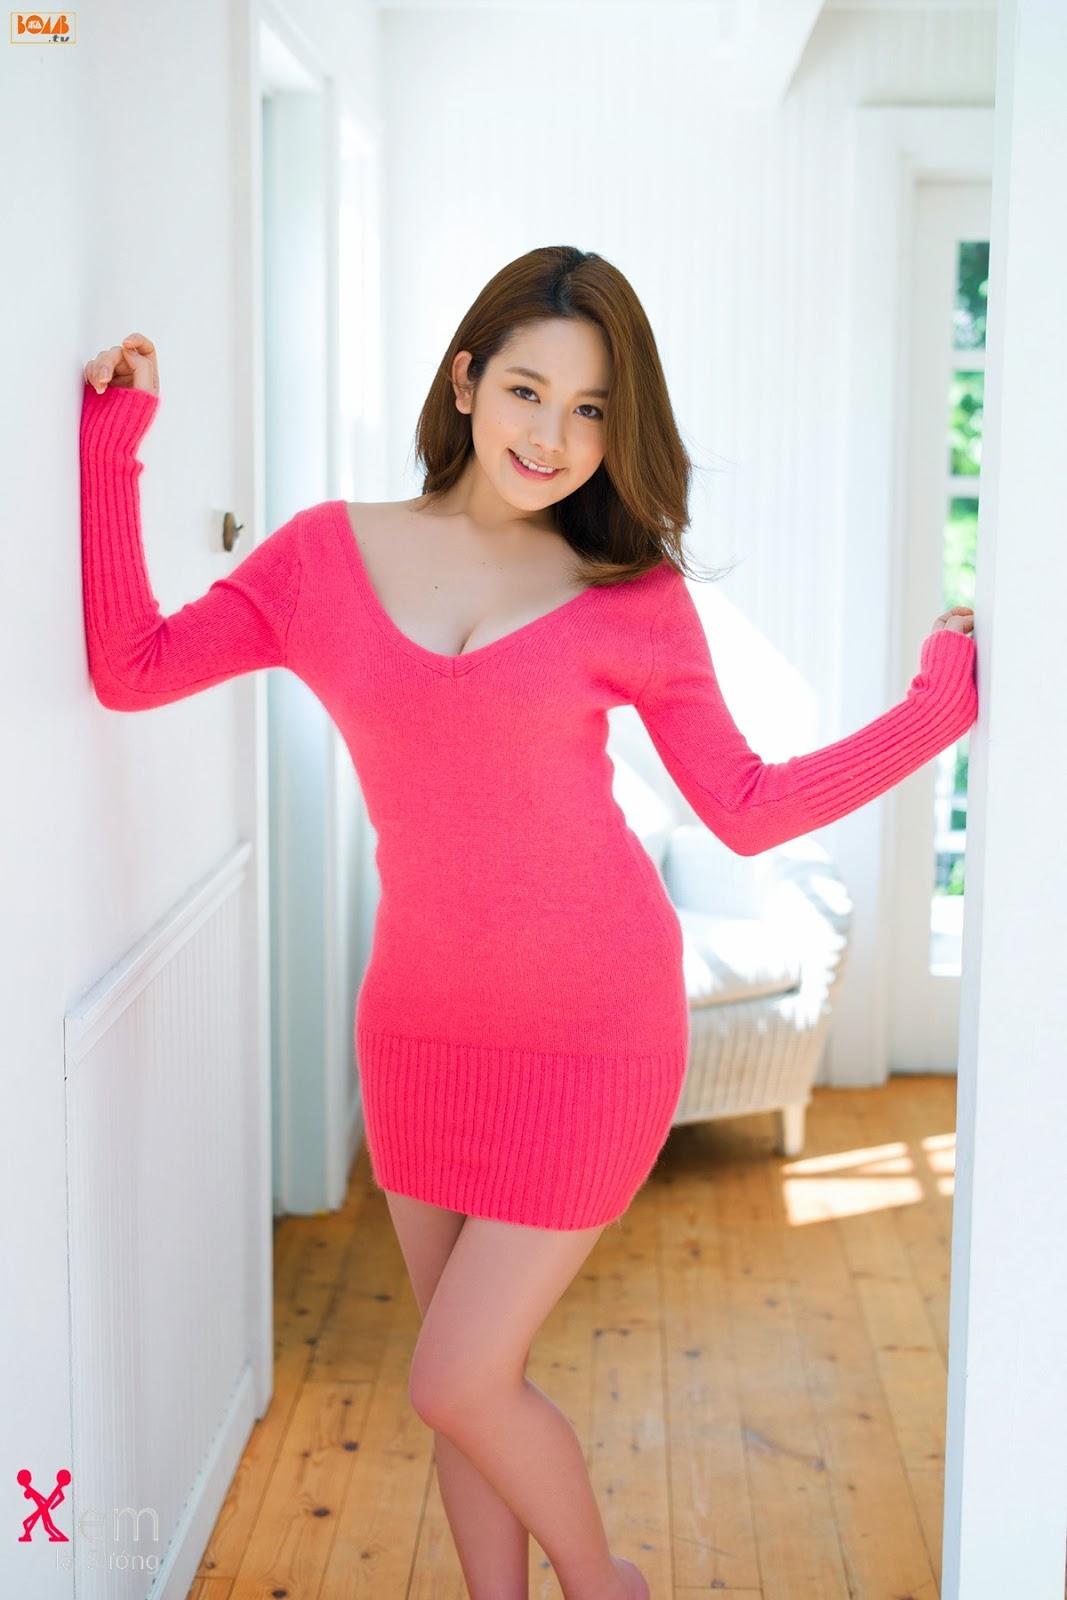 Người đẹp với váy đỏ siêu ngắn lộ hàng khoe vòng 1